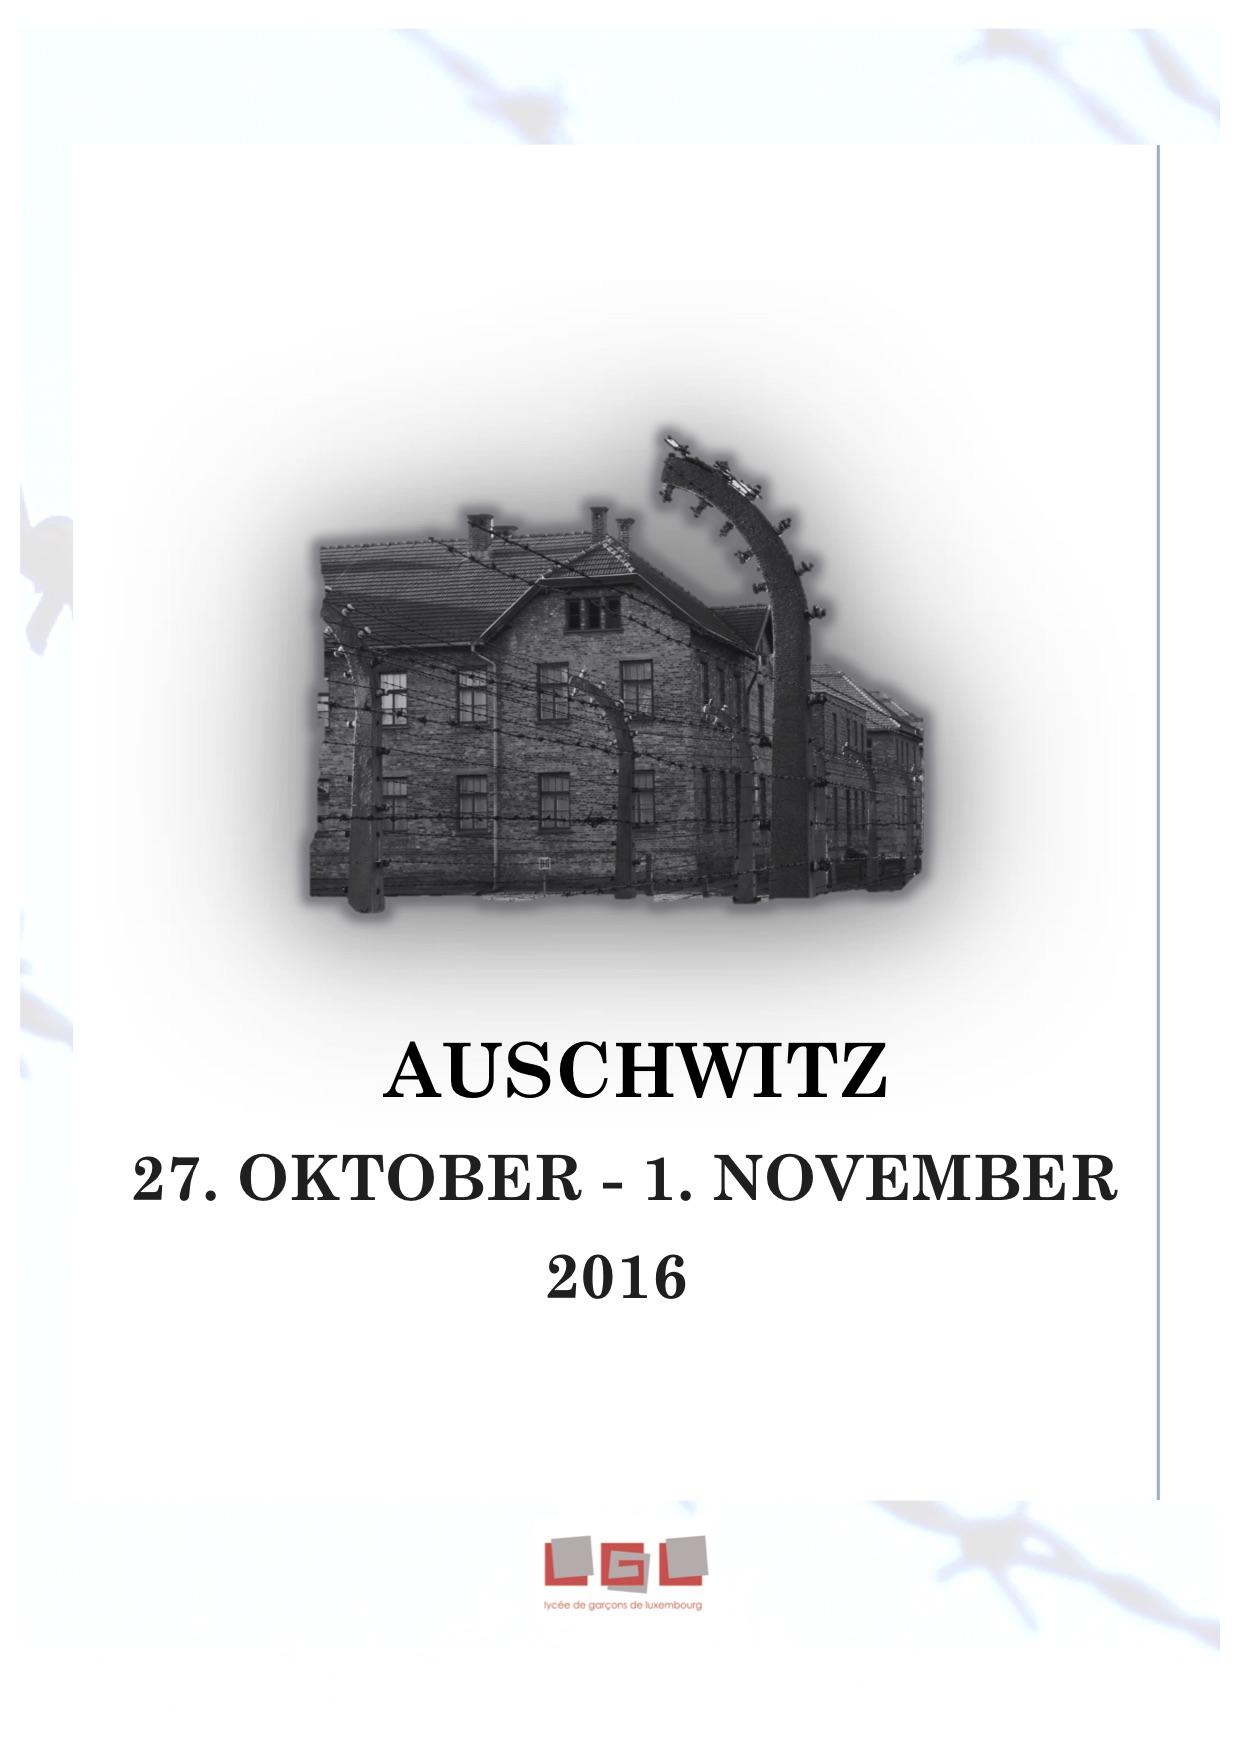 Auschwitz 2016